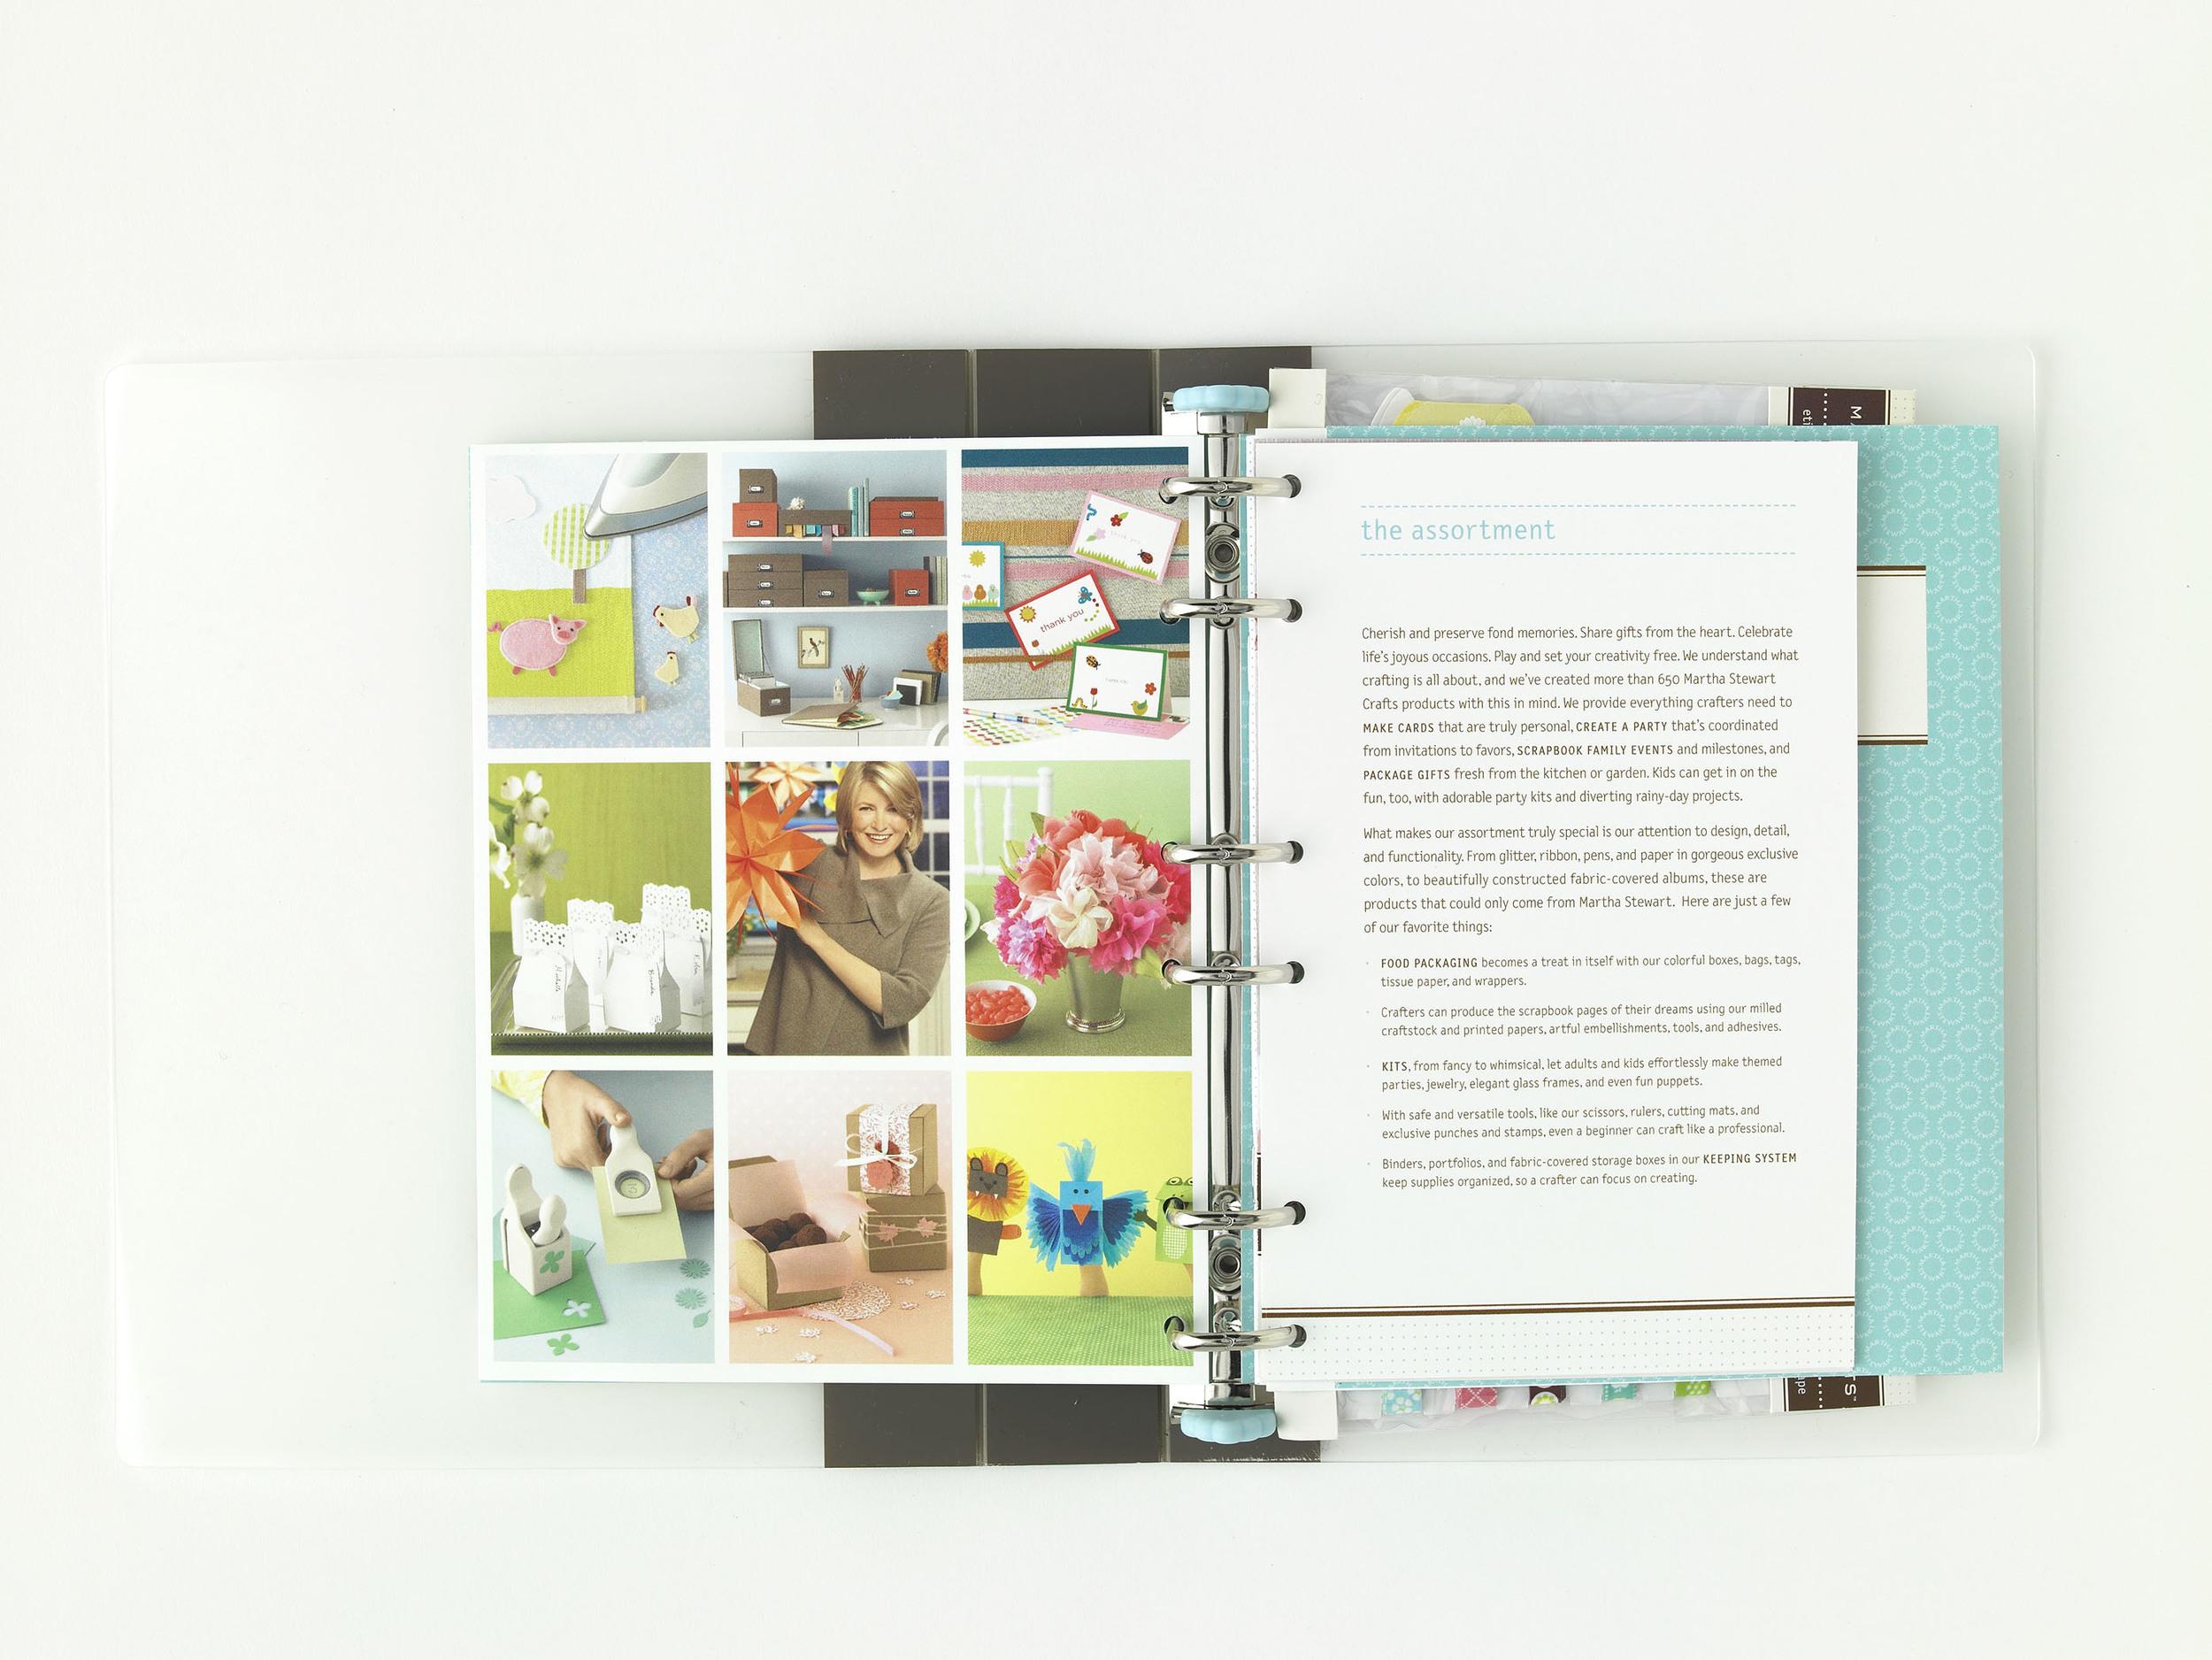 crafts_media_kit.jpg